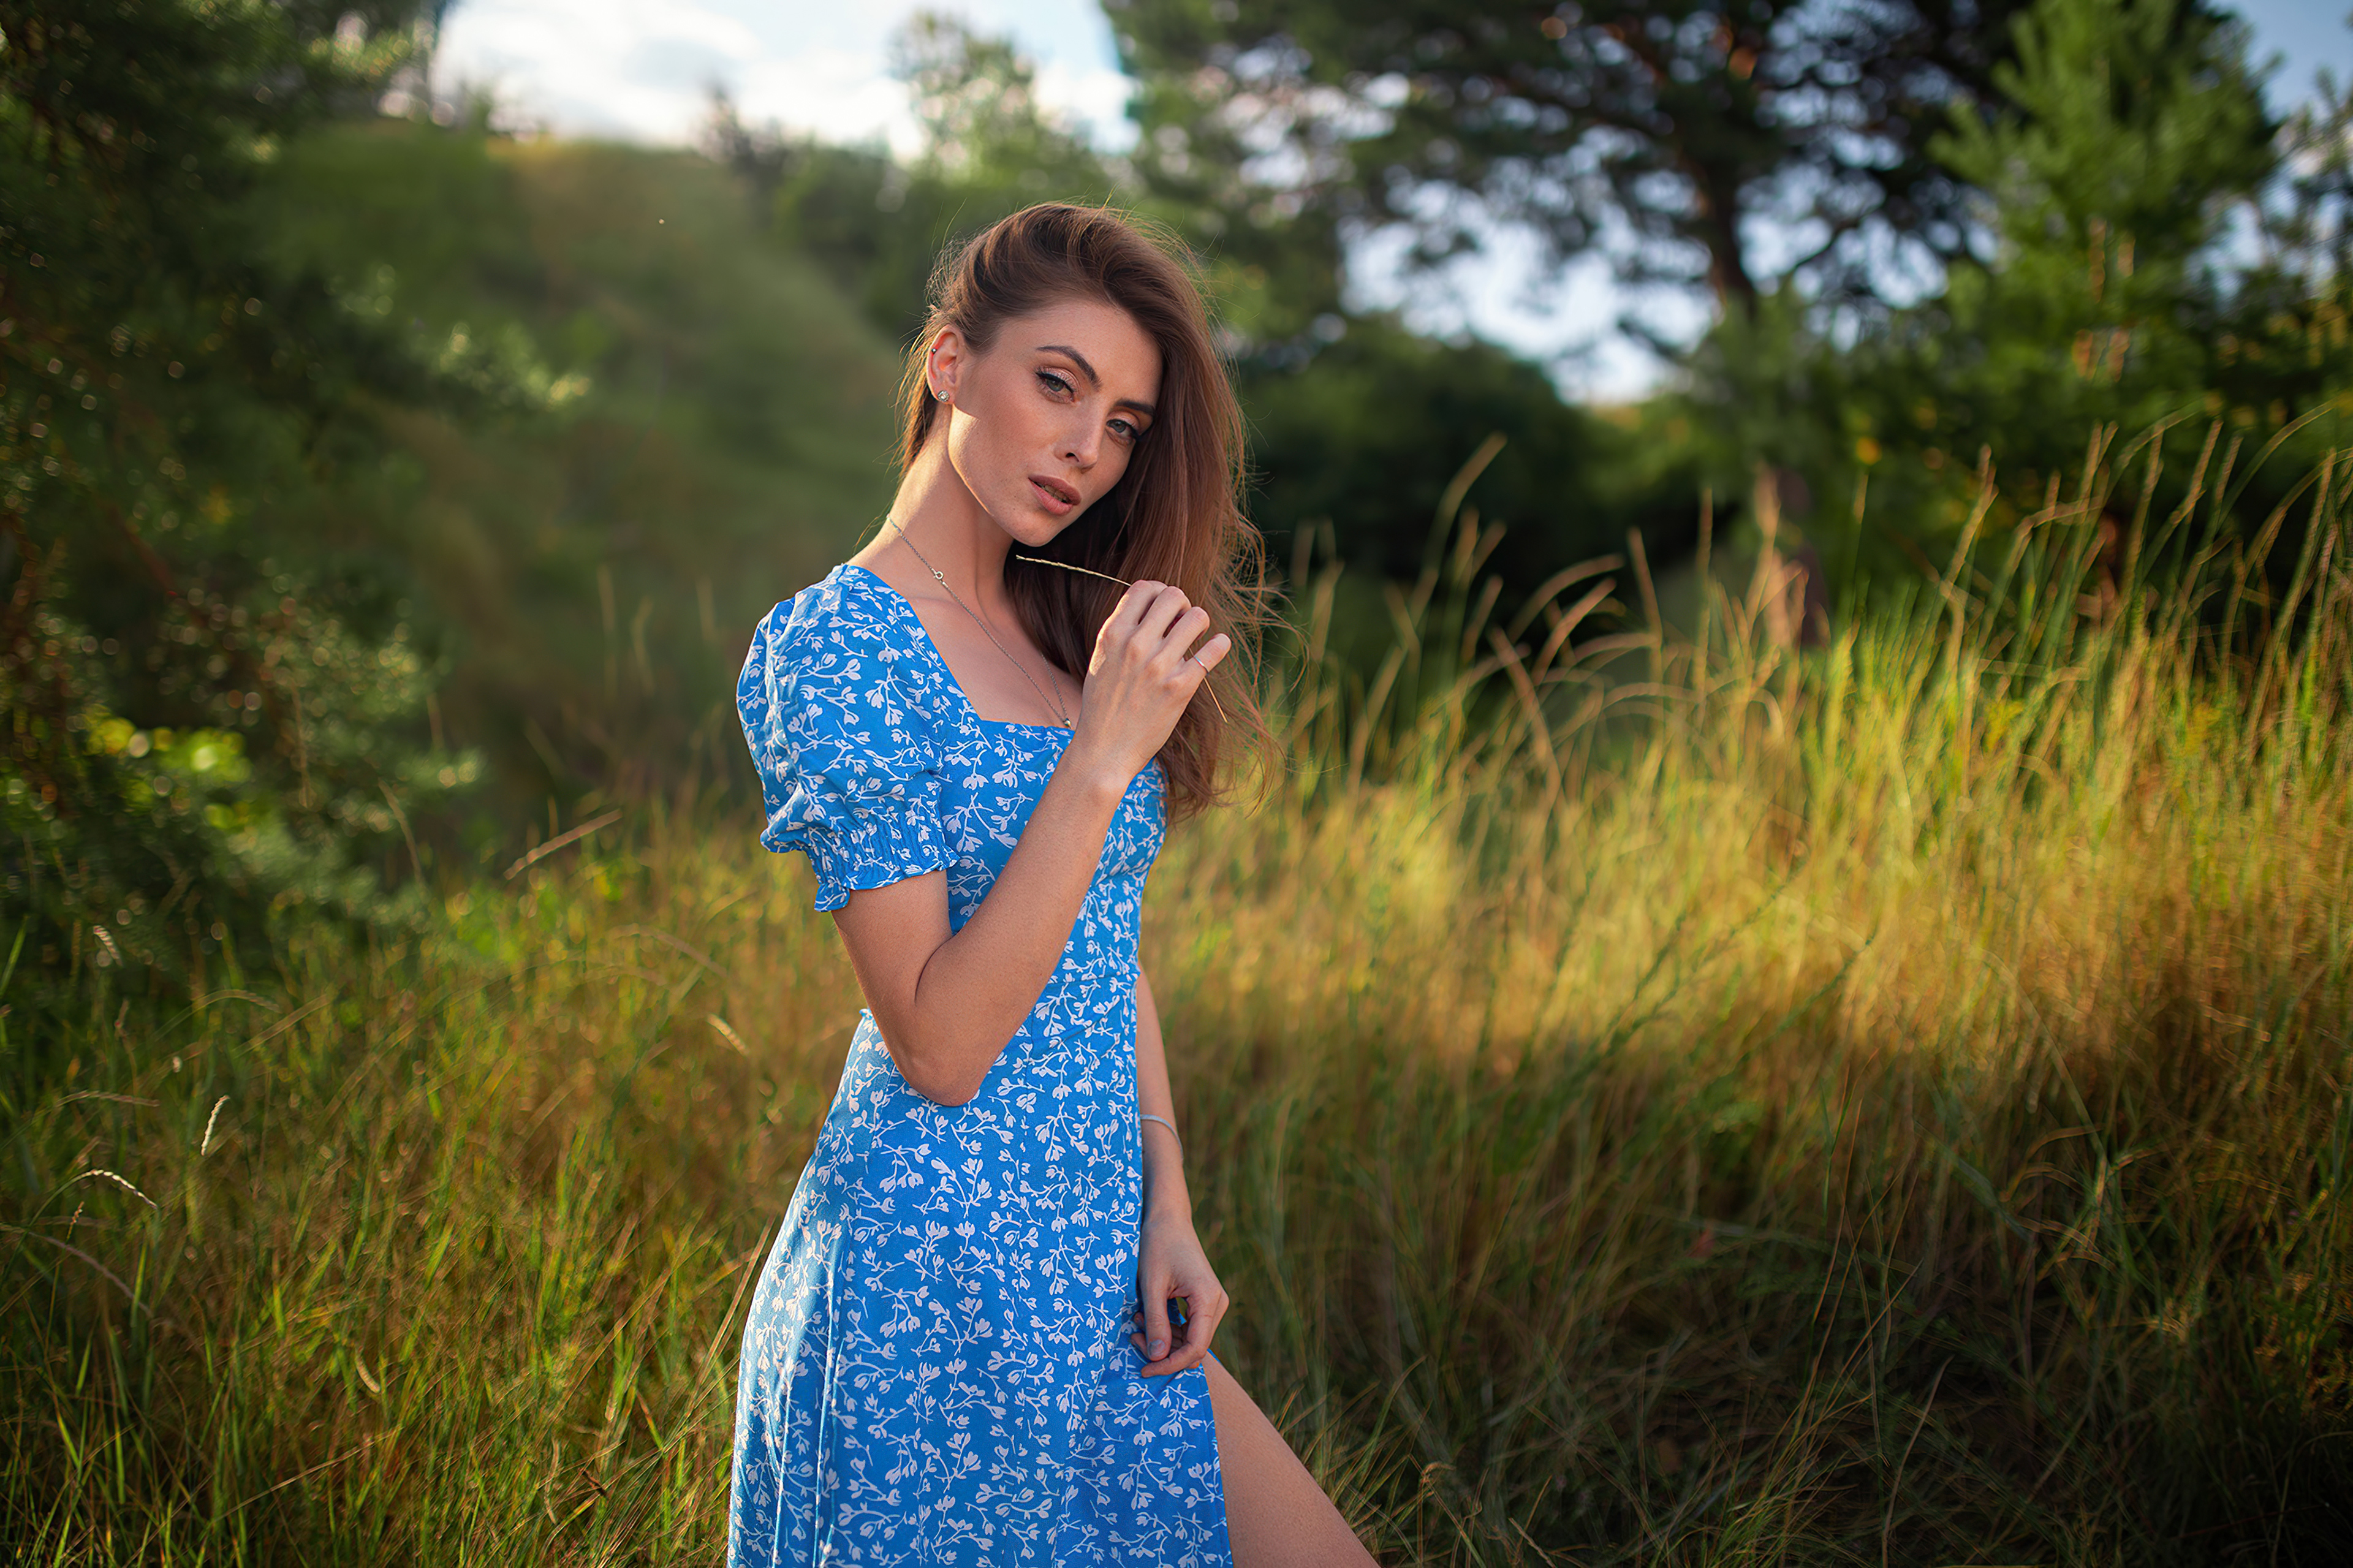 girl blue dress polka dot 4k 1629253986 - Girl Blue Dress Polka Dot 4k - Girl Blue Dress Polka Dot wallpapers, Girl Blue Dress Polka Dot 4k wallpapers